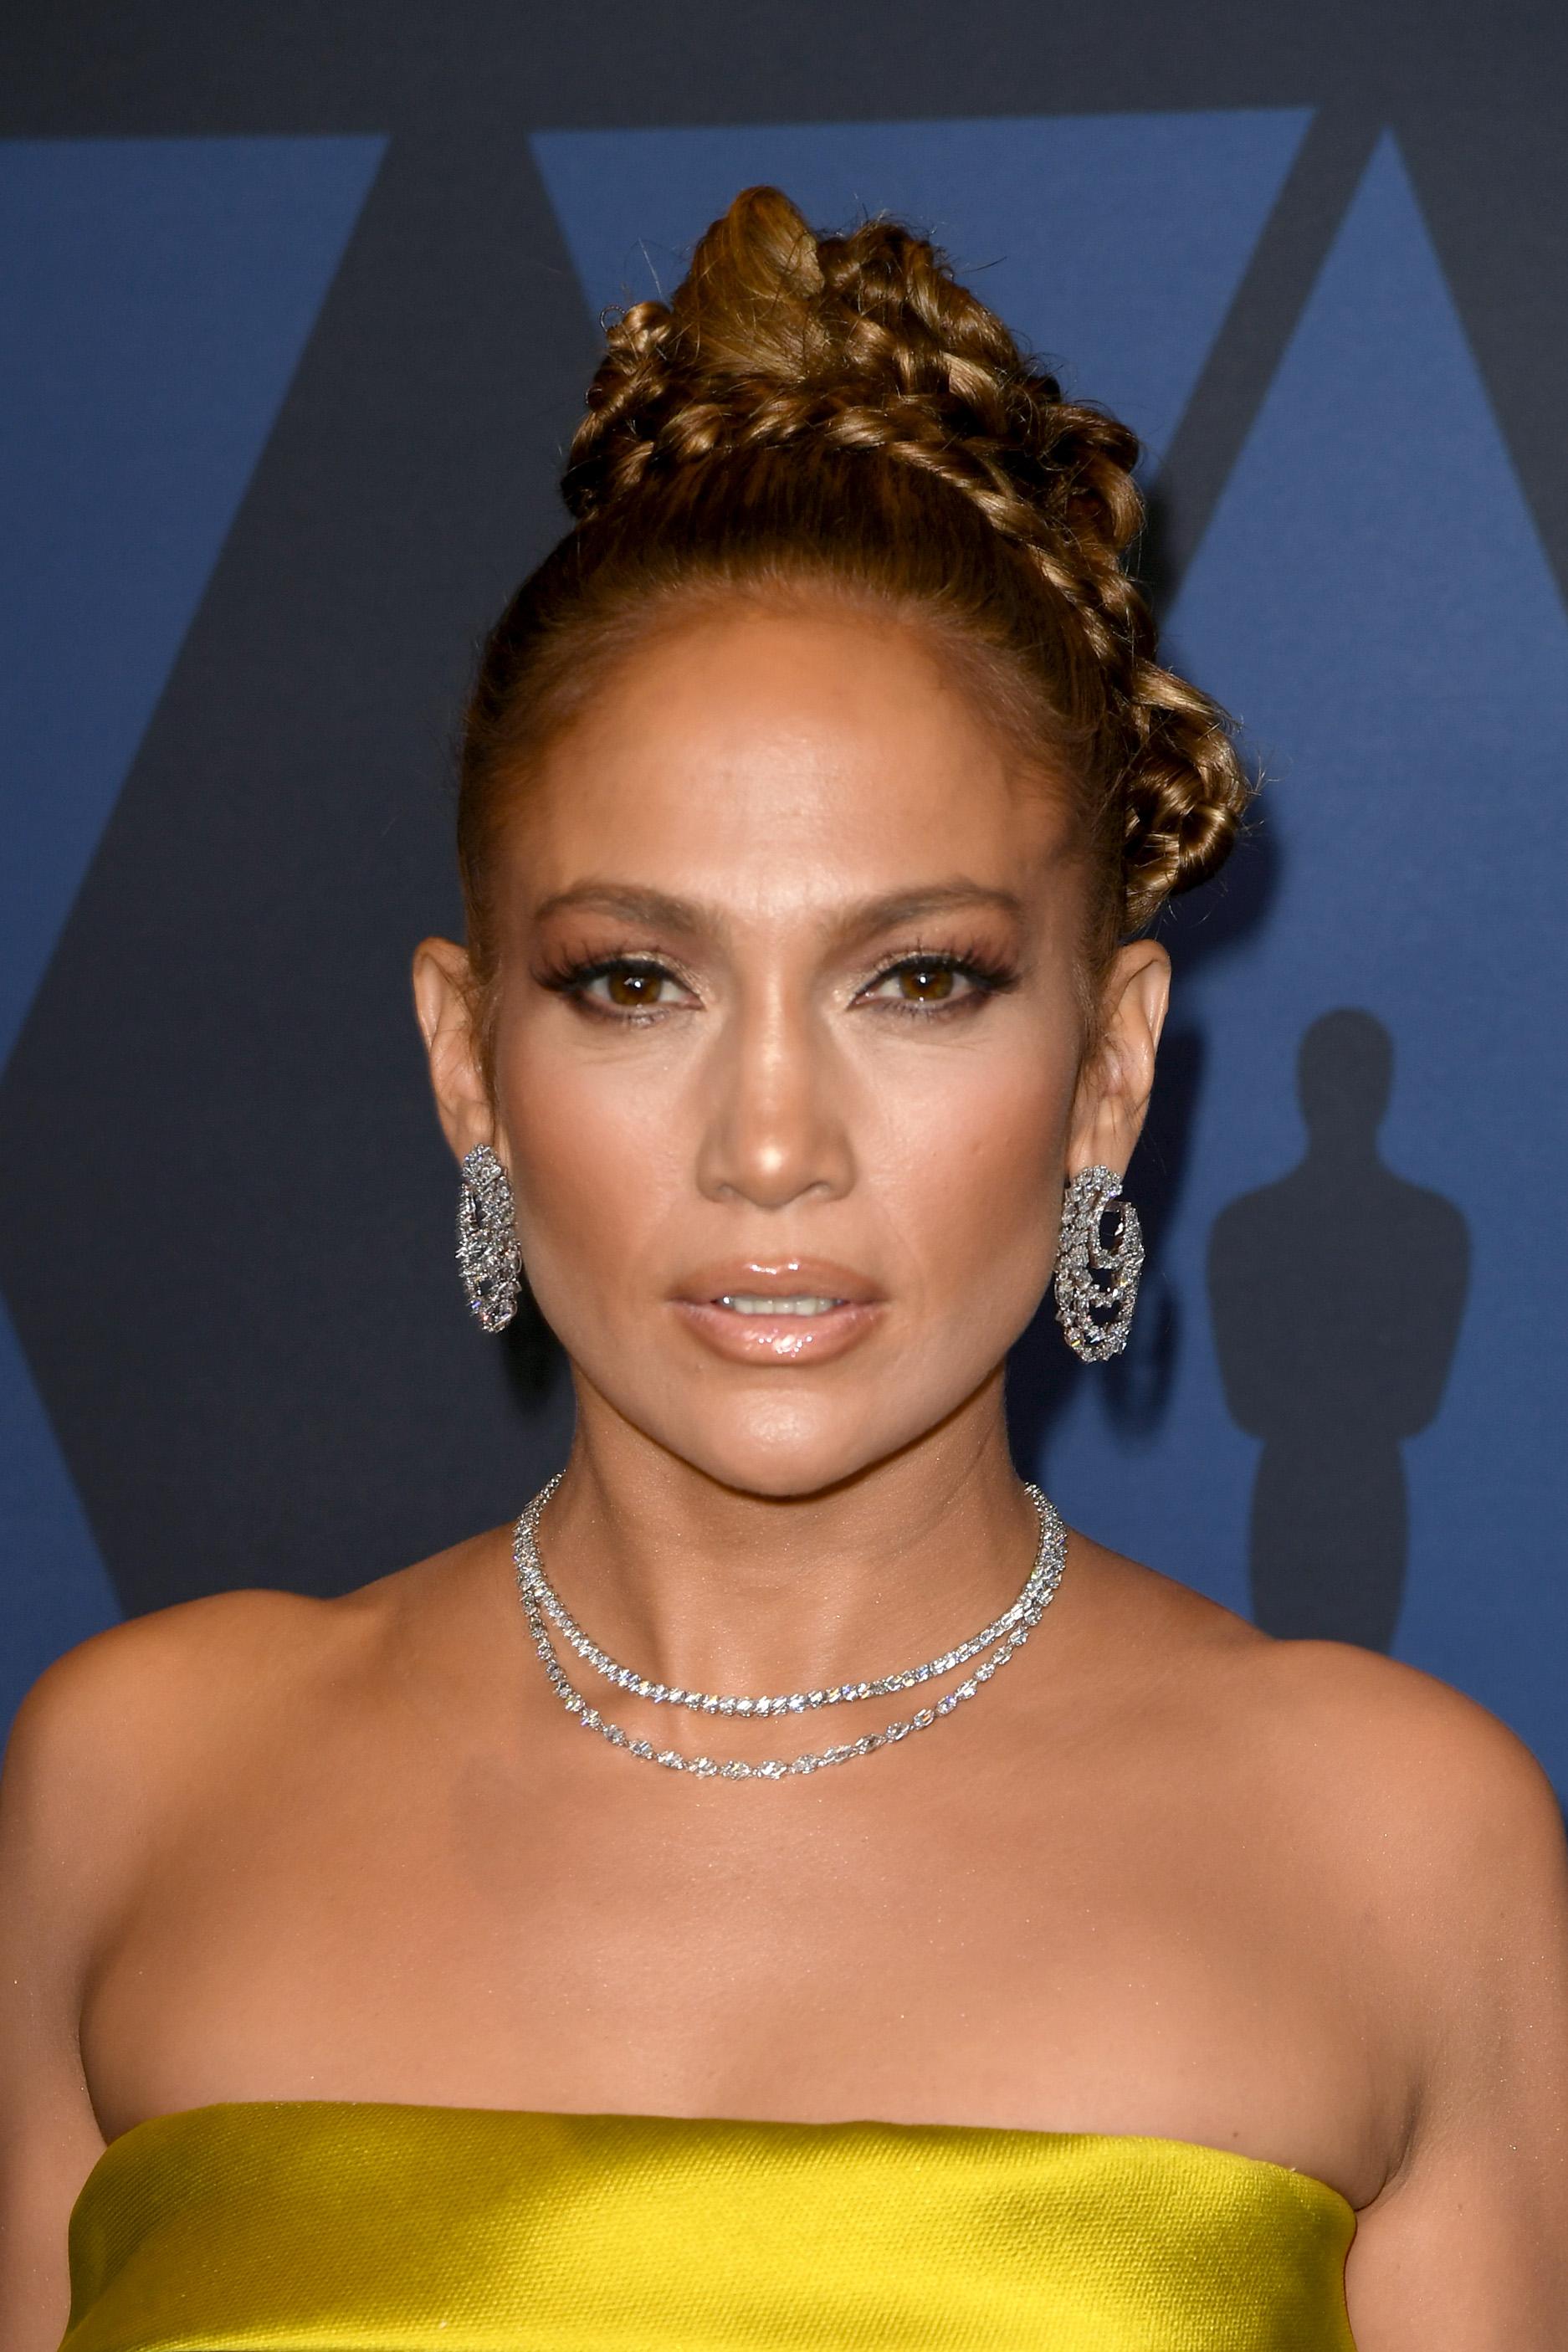 Η Jennifer Lopez έφερε αέρα παλιού Χόλιγουντ στο κόκκινο χαλί με αυτό το χτένισμα!